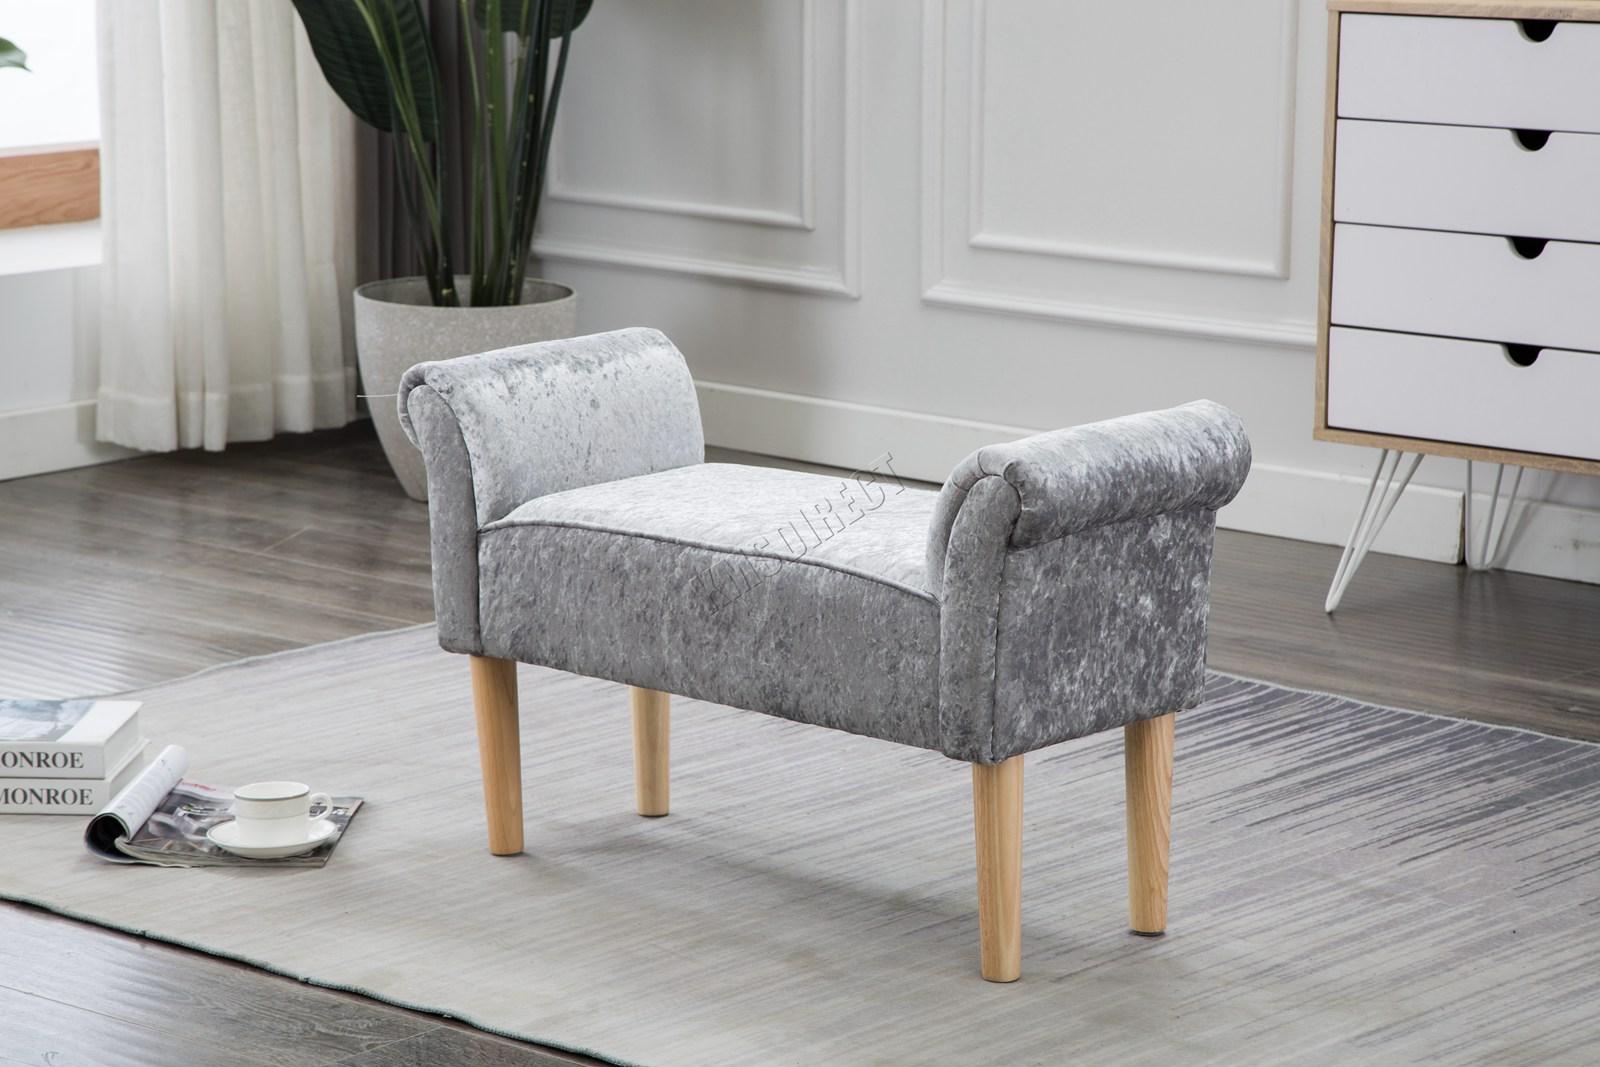 foxhunter fabric bench footstool seat pouf pouffee ottoman